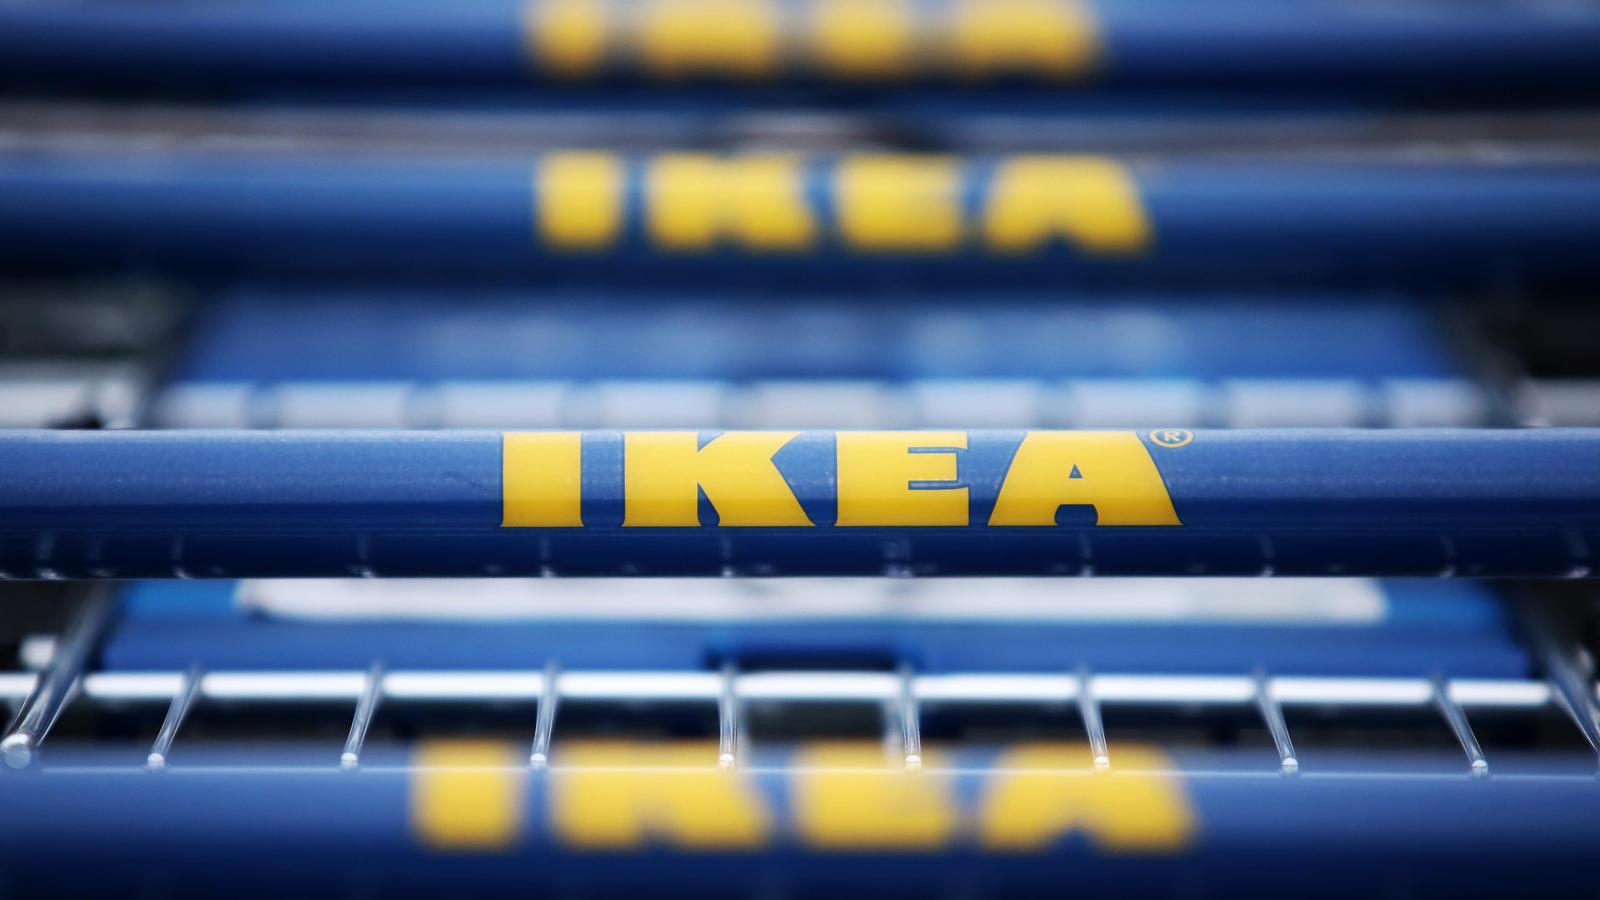 Ikea hatte im Sommer dieses Jahres nach dem Tod der Kleinkinder 36 Millionen Möbelstücke in den USA und Kanada zurückgerufen.